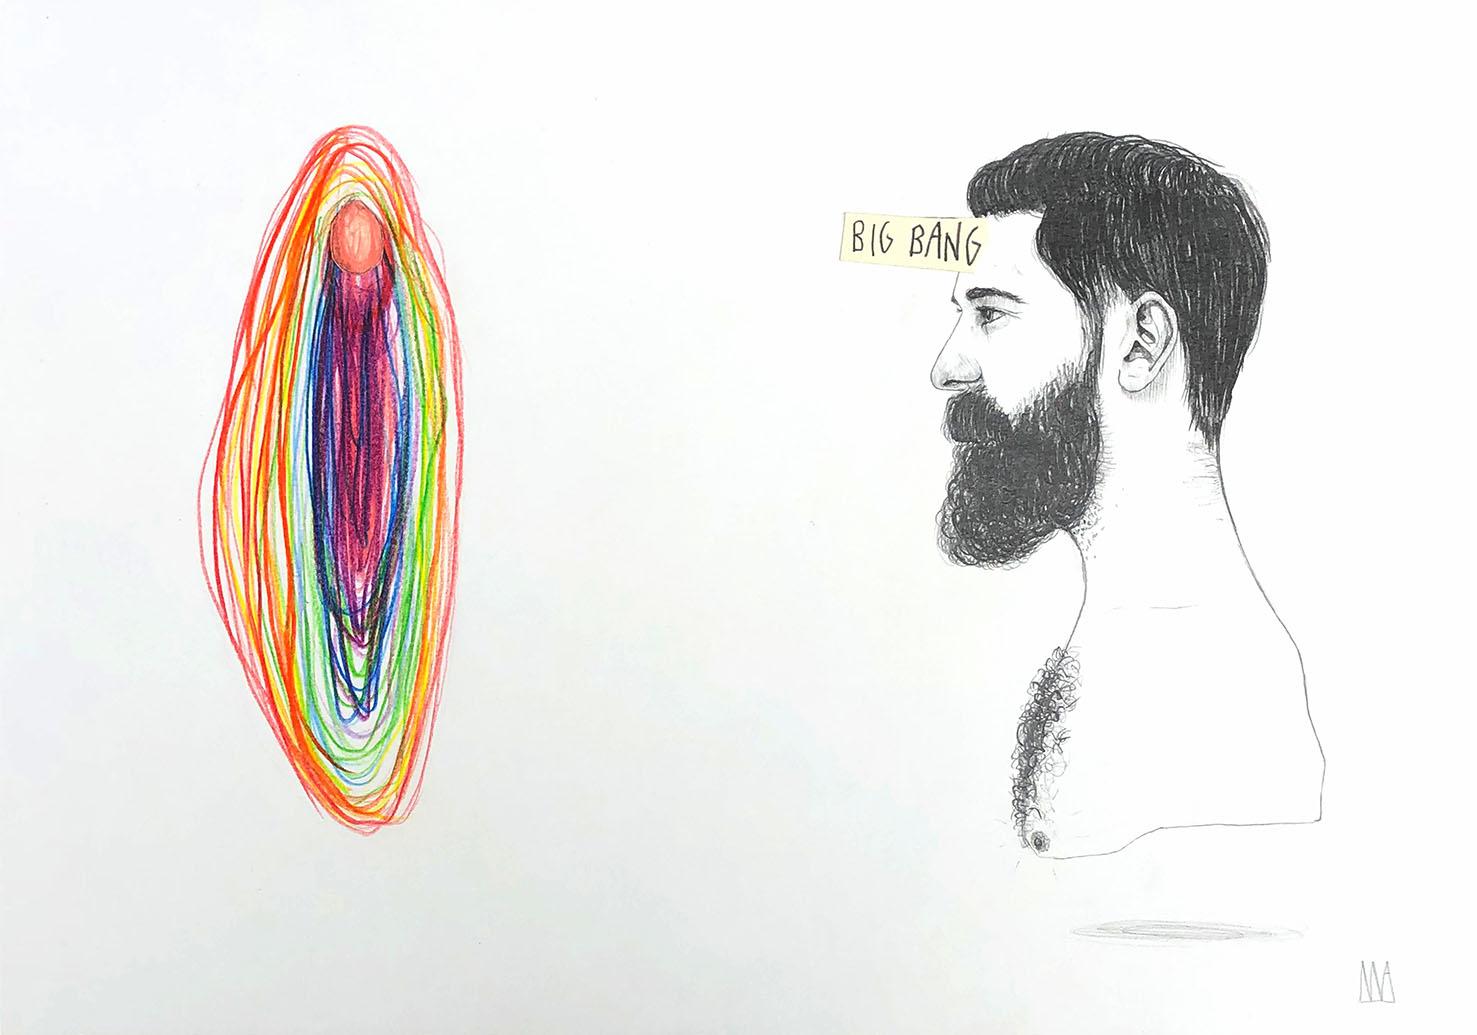 Mateo Andrea, BIG BANG, mixed media on paper, 29.7 x 42 cm, 2019